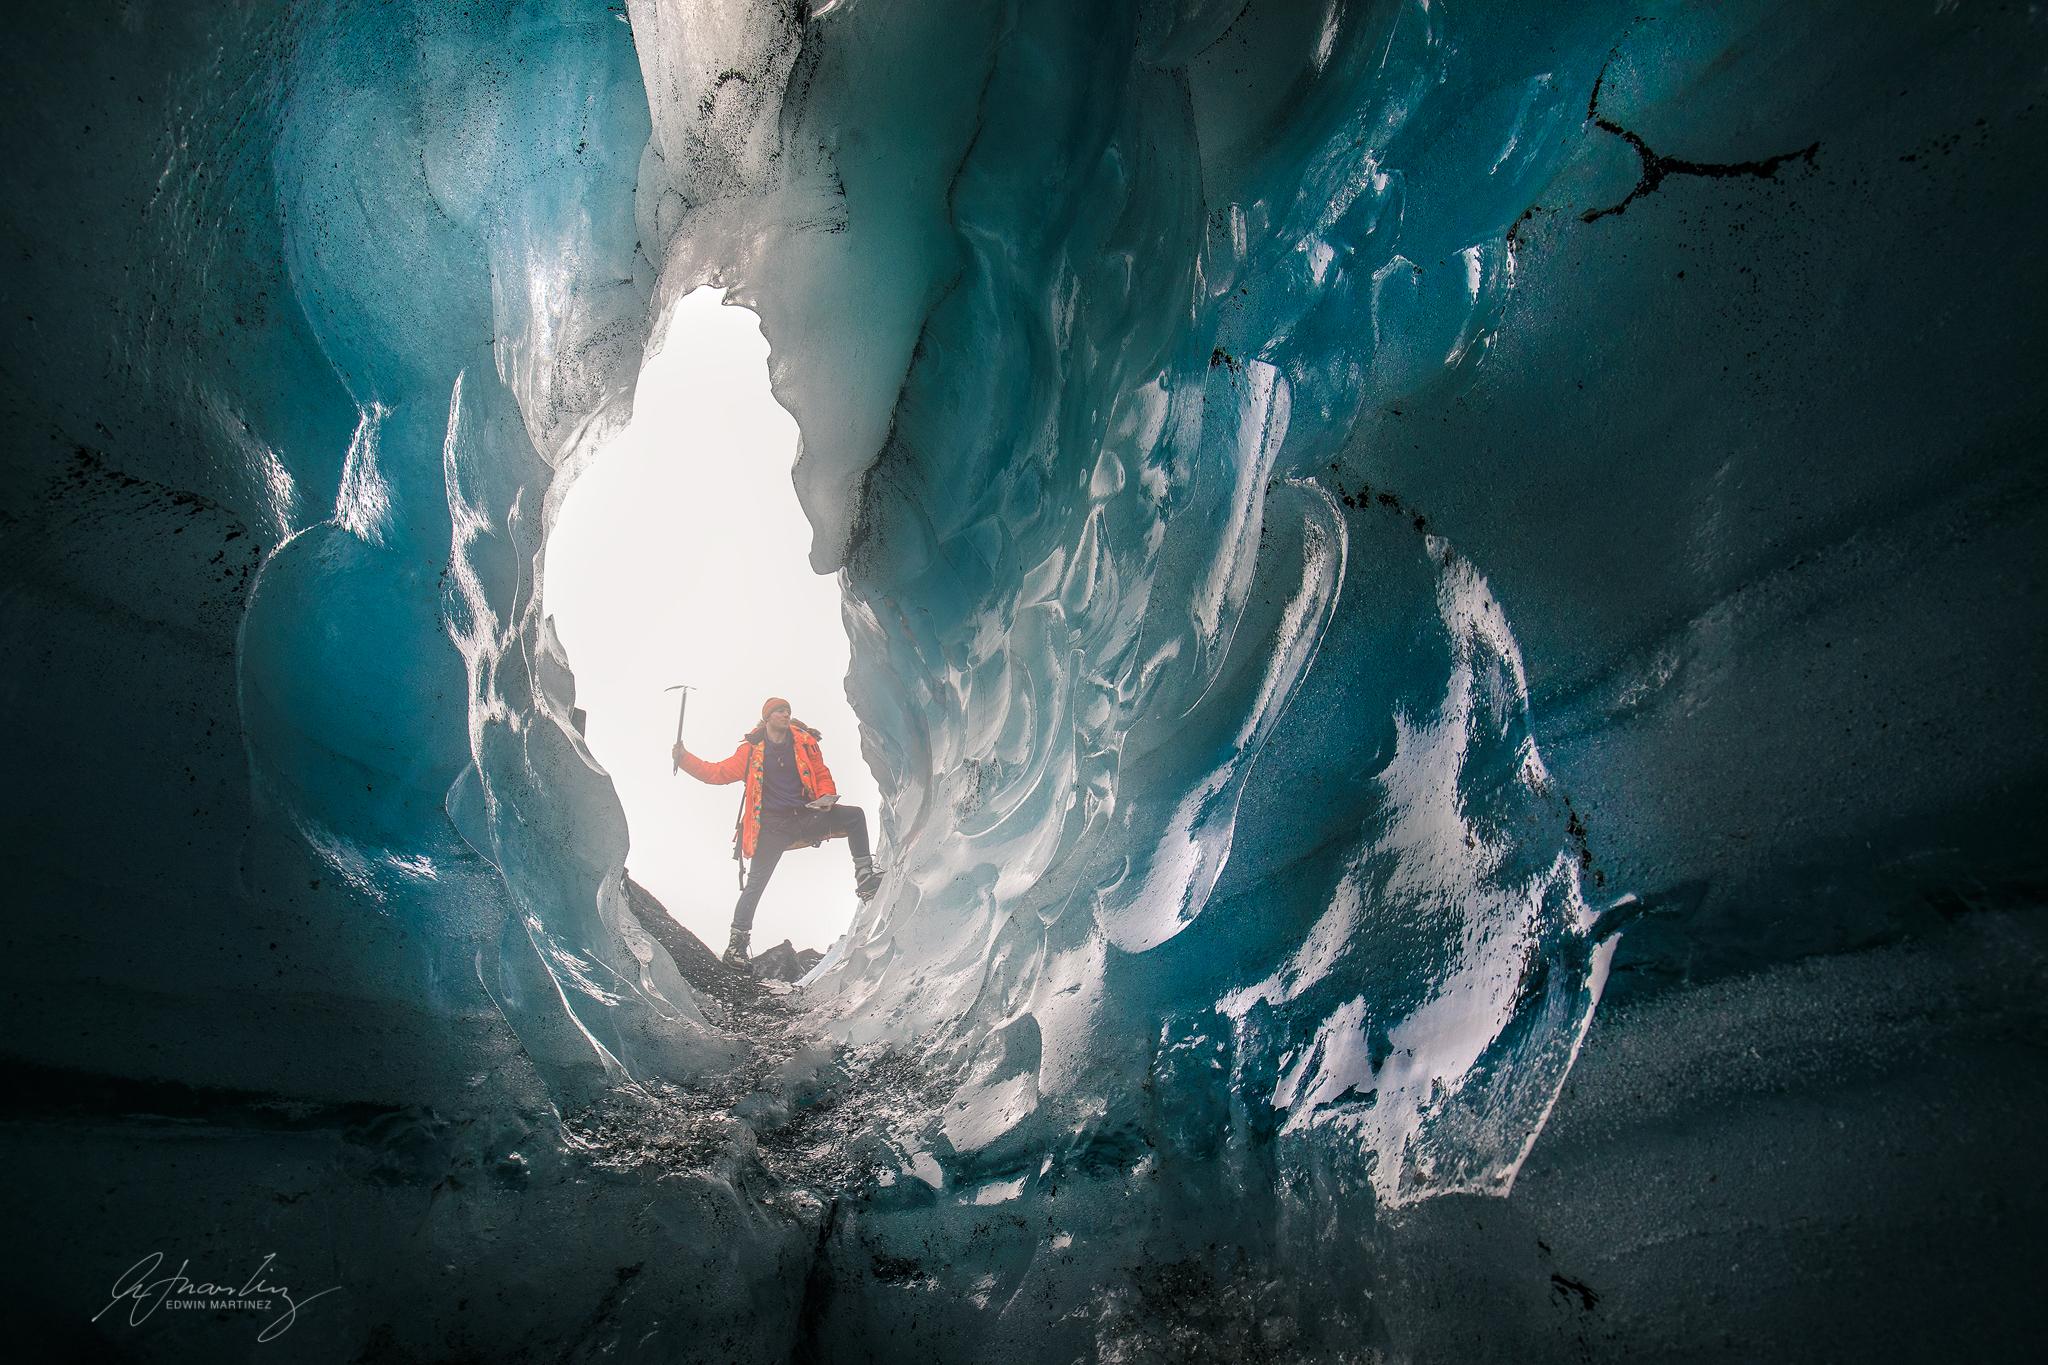 La vue de l'intérieur d'une grotte de glace